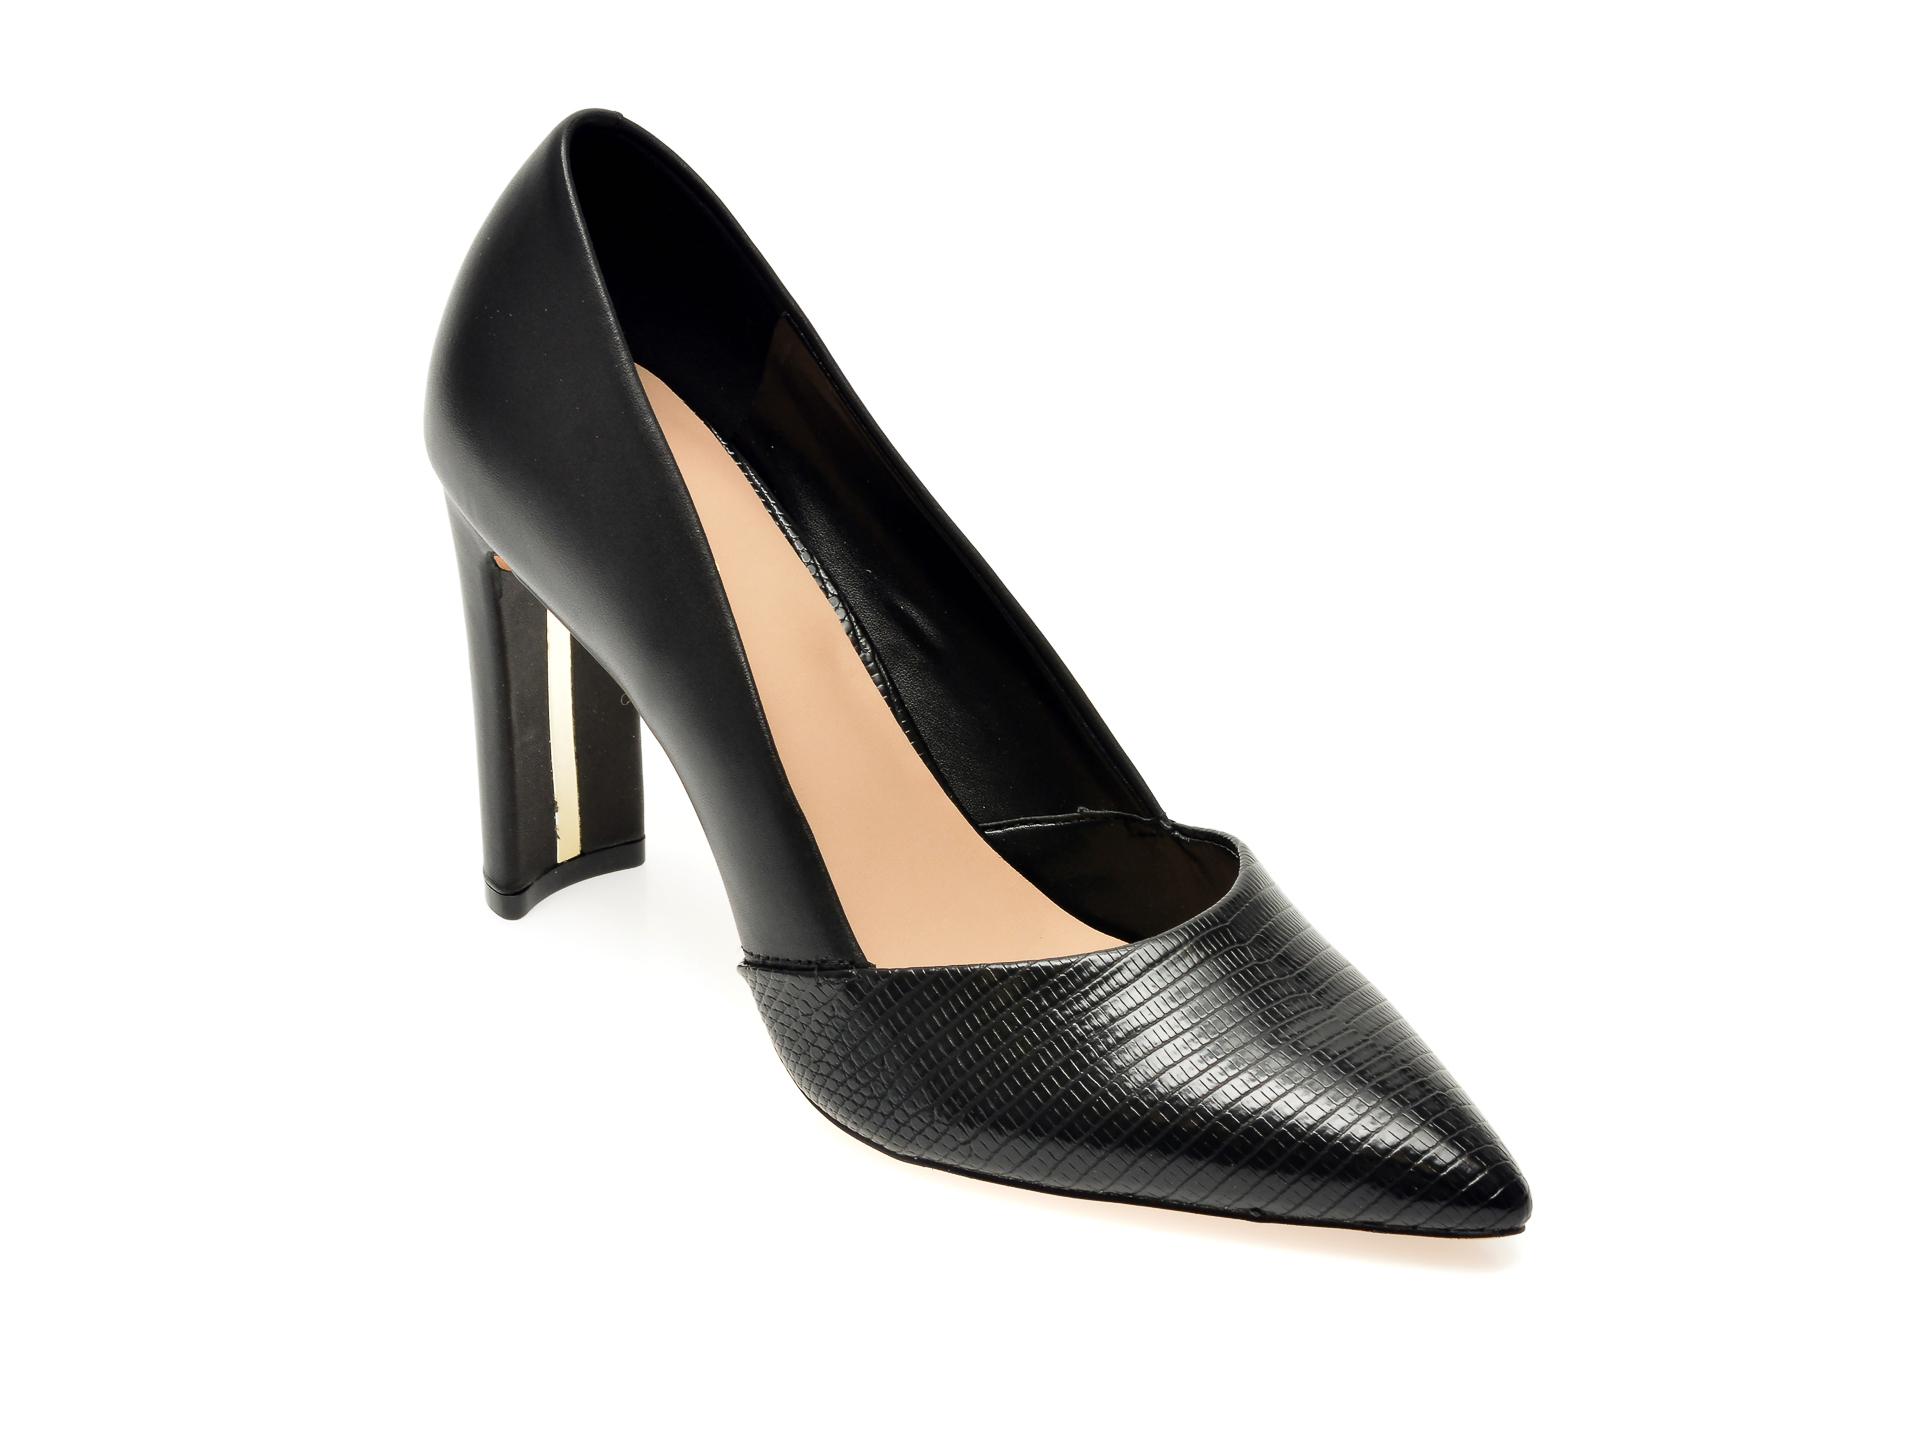 Pantofi ALDO negri, Adworen001, din piele naturala imagine otter.ro